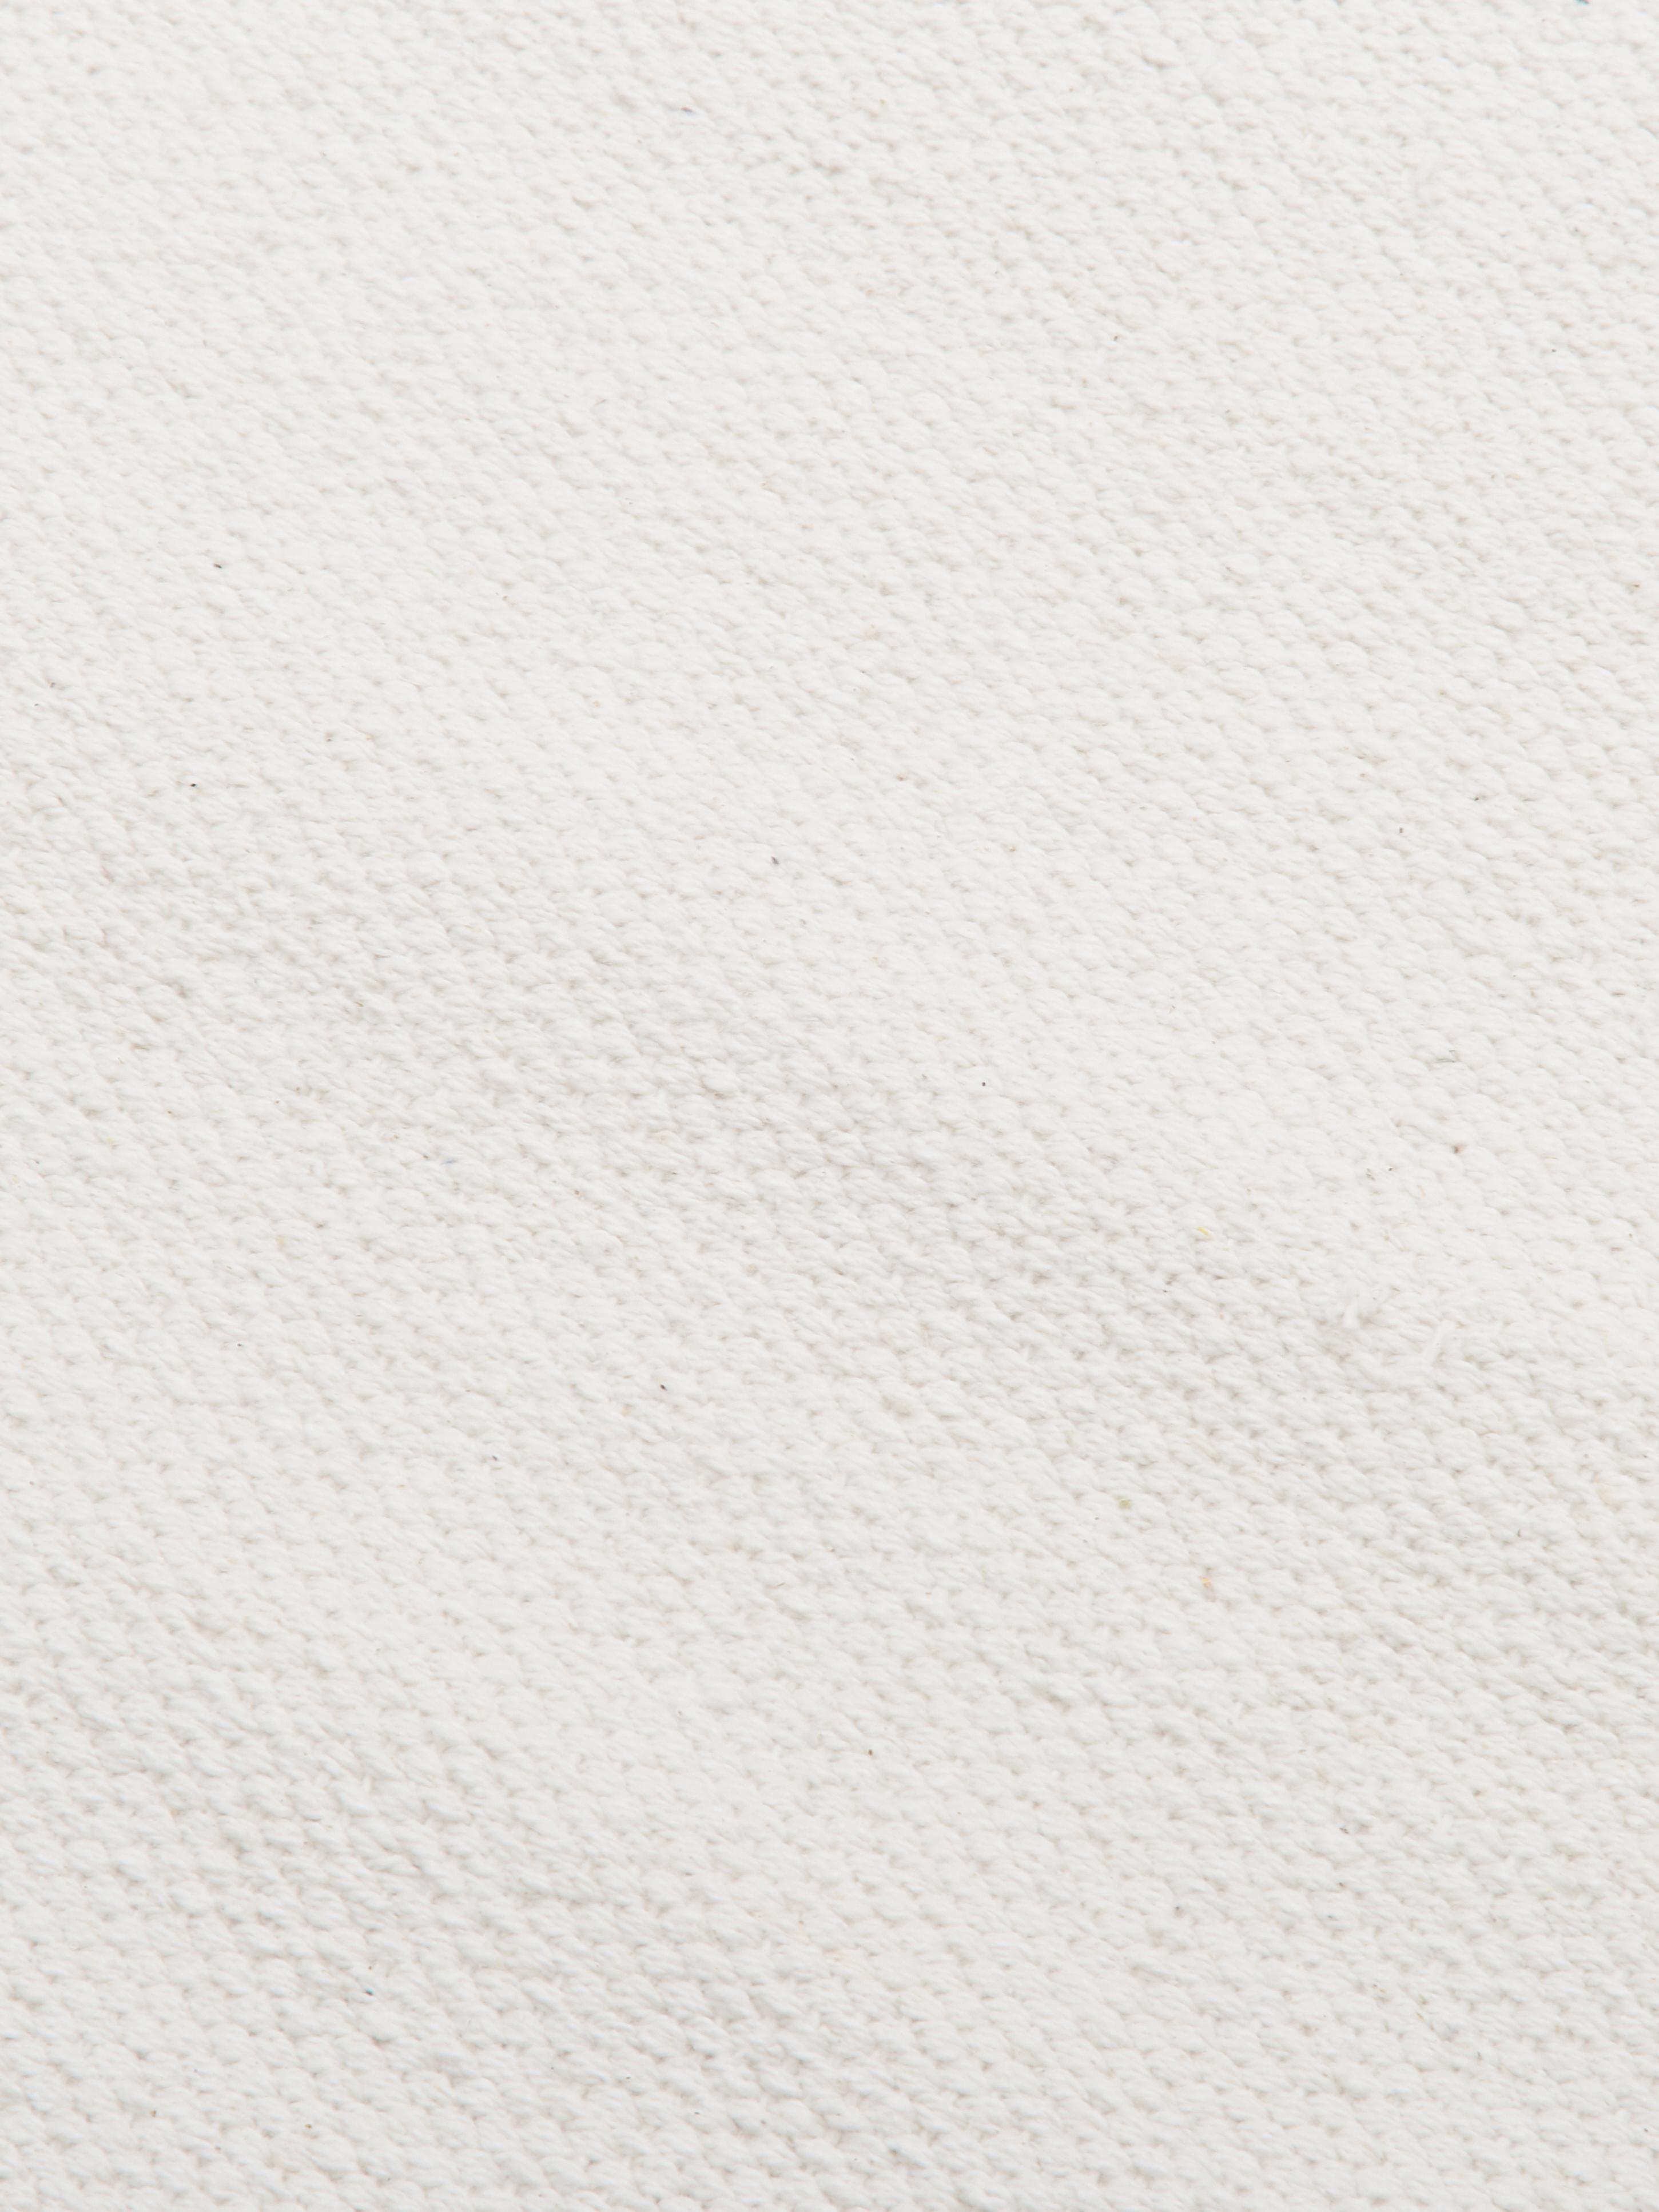 Dünner Baumwollteppich Agneta, handgewebt, 100% Baumwolle, Cremeweiss, B 160 x L 230 cm (Grösse M)